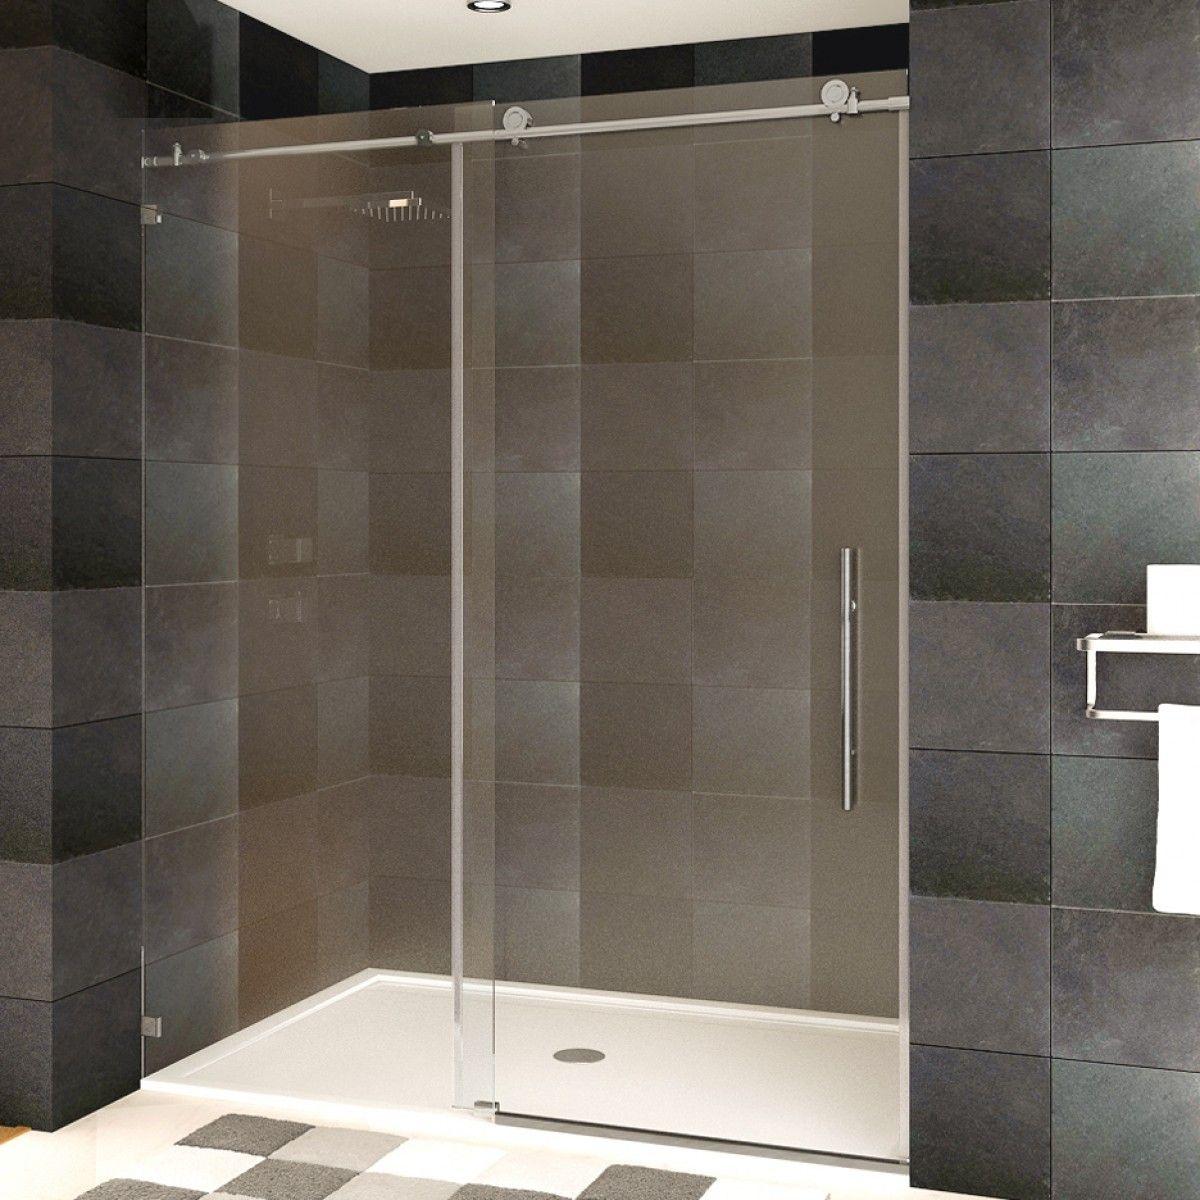 Ultra C 48 X 76 Shower Door Brushed Nickel Finish Shower Doors